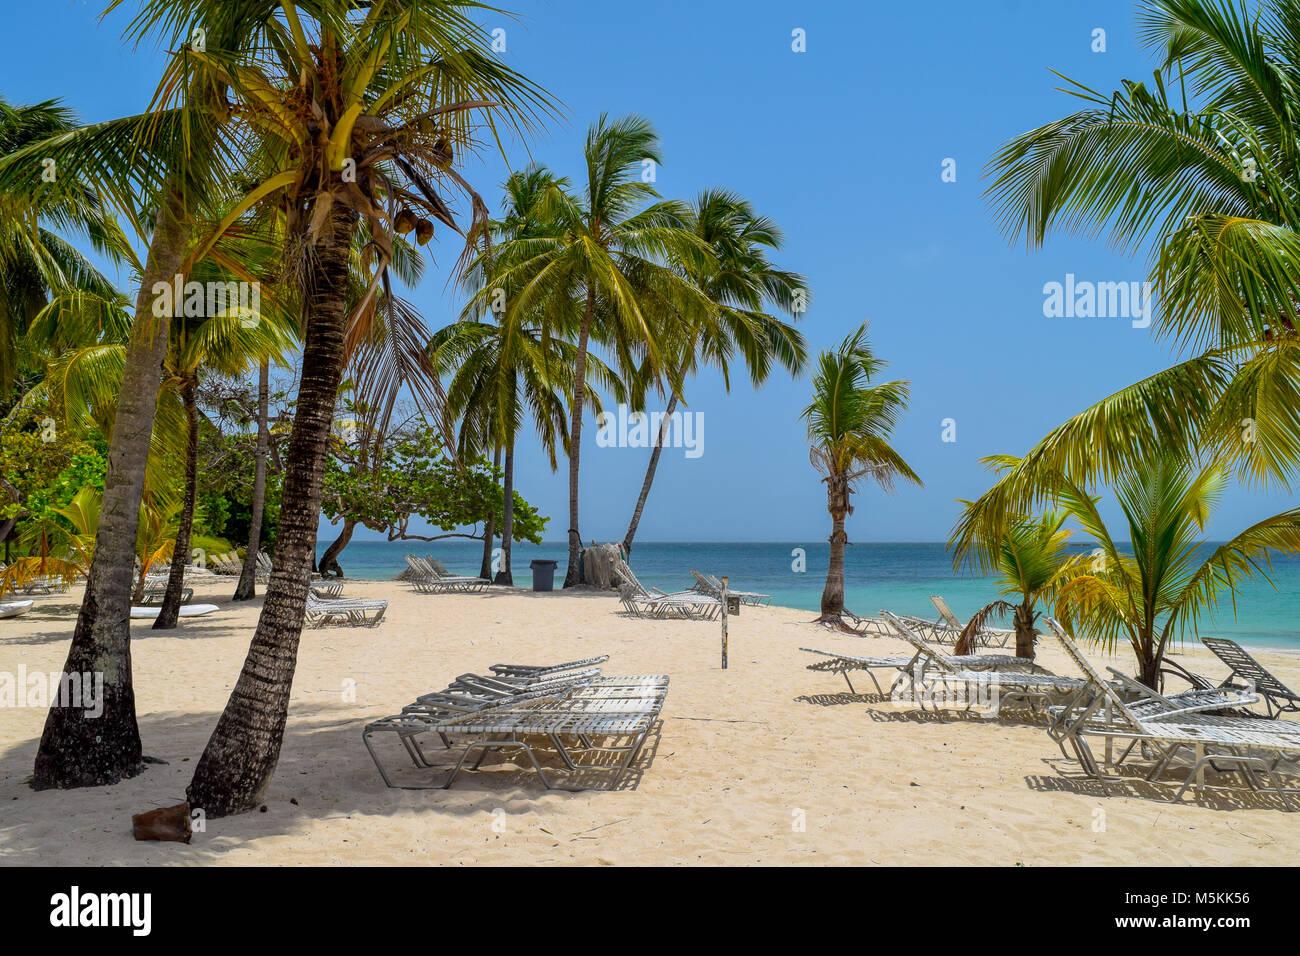 Playa Blanca con tumbonas, una gran cantidad de palmas, el cielo azul y el mar turquesa del mar Caribe, República Imagen De Stock